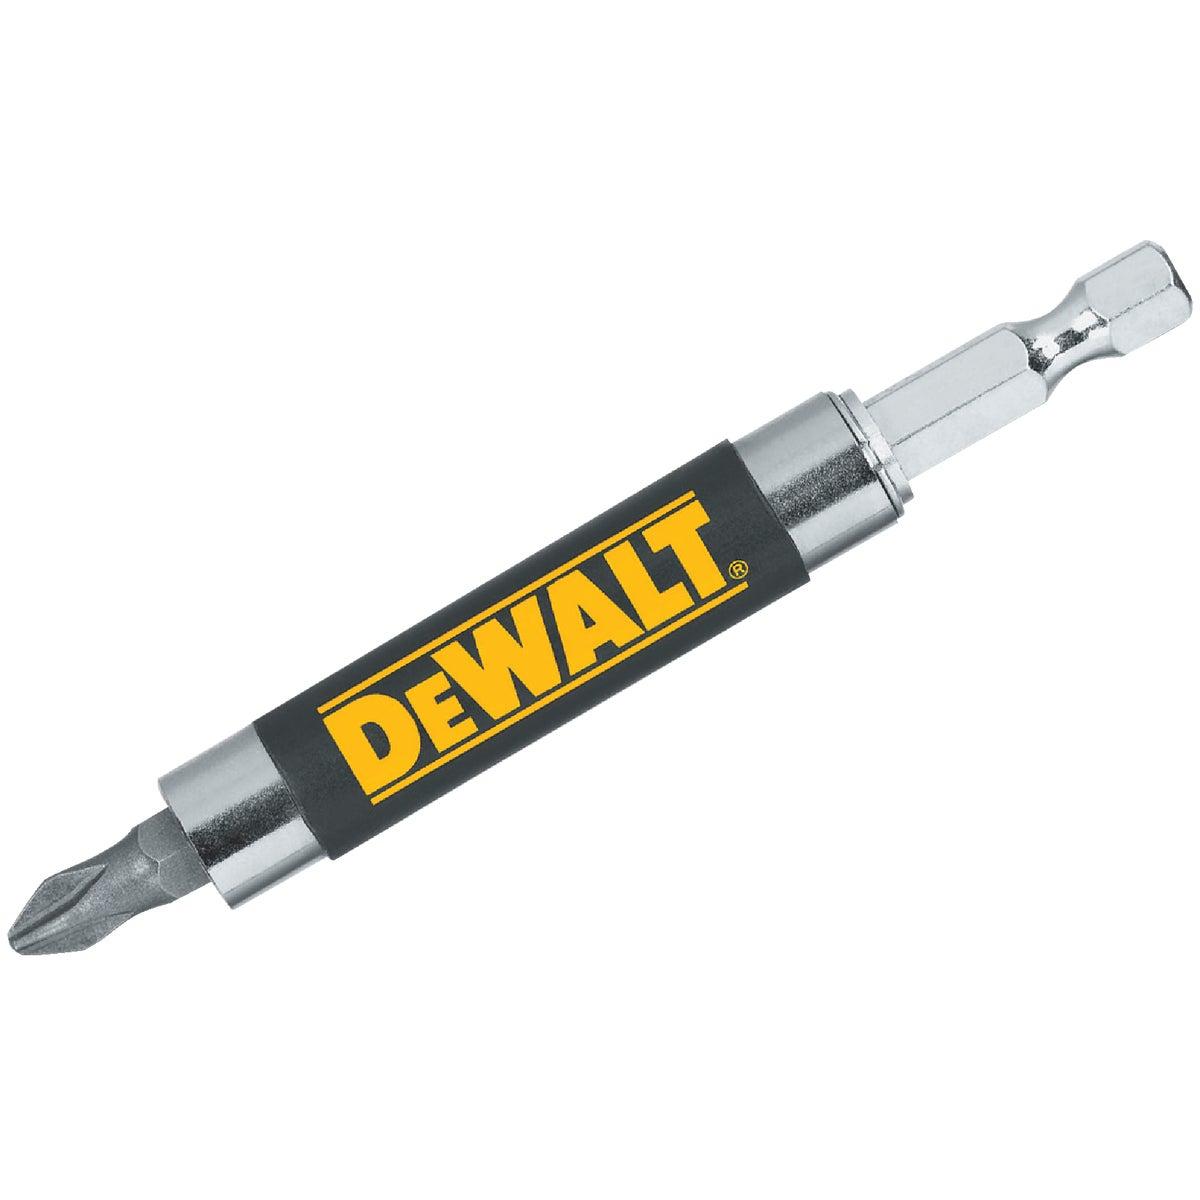 BULK MAG BIT GUIDE - DW2054B by DeWalt